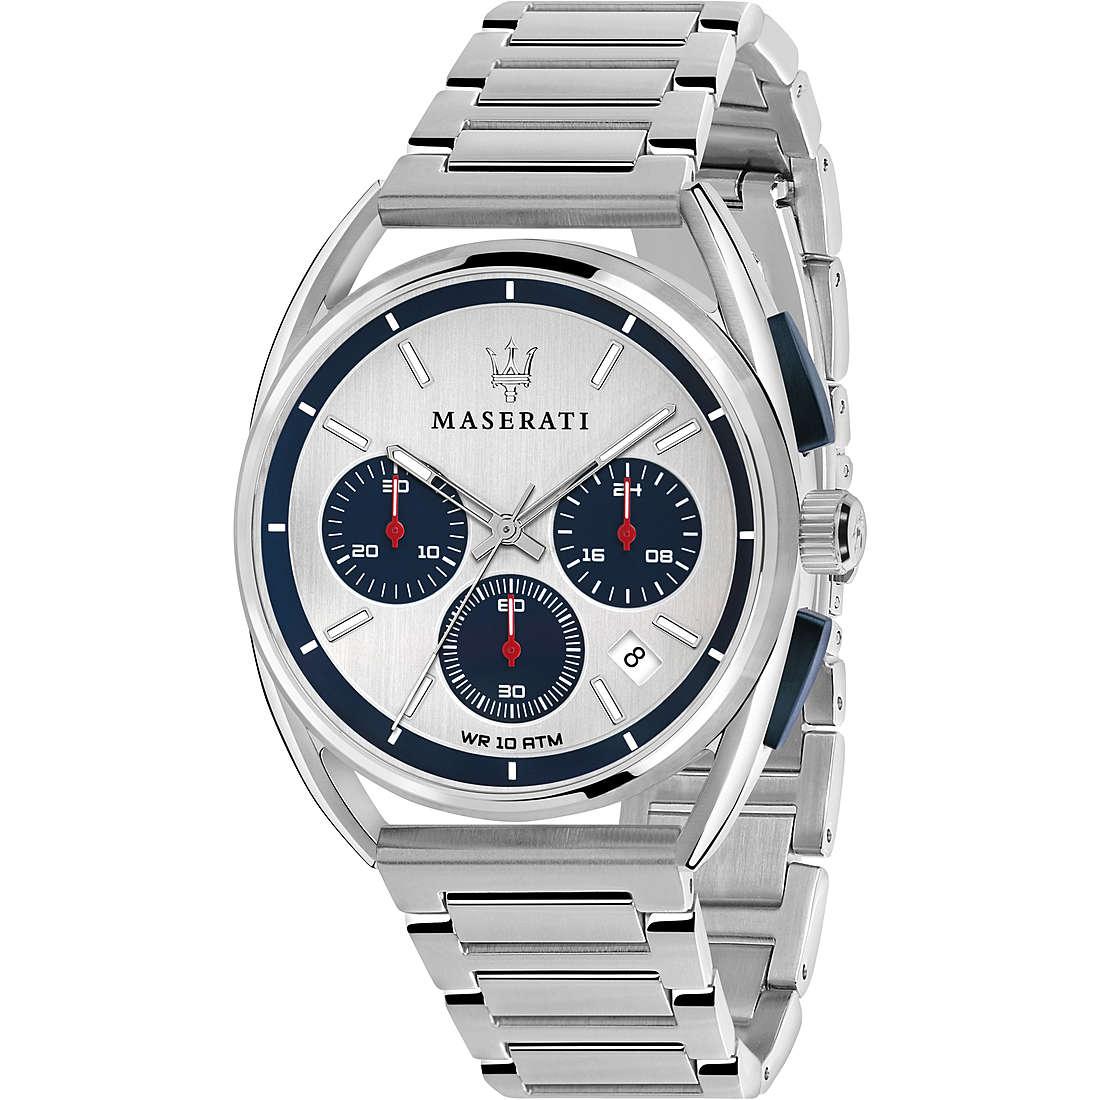 economico per lo sconto 05e44 31256 Orologio Maserati uomo Trimano R8873632001